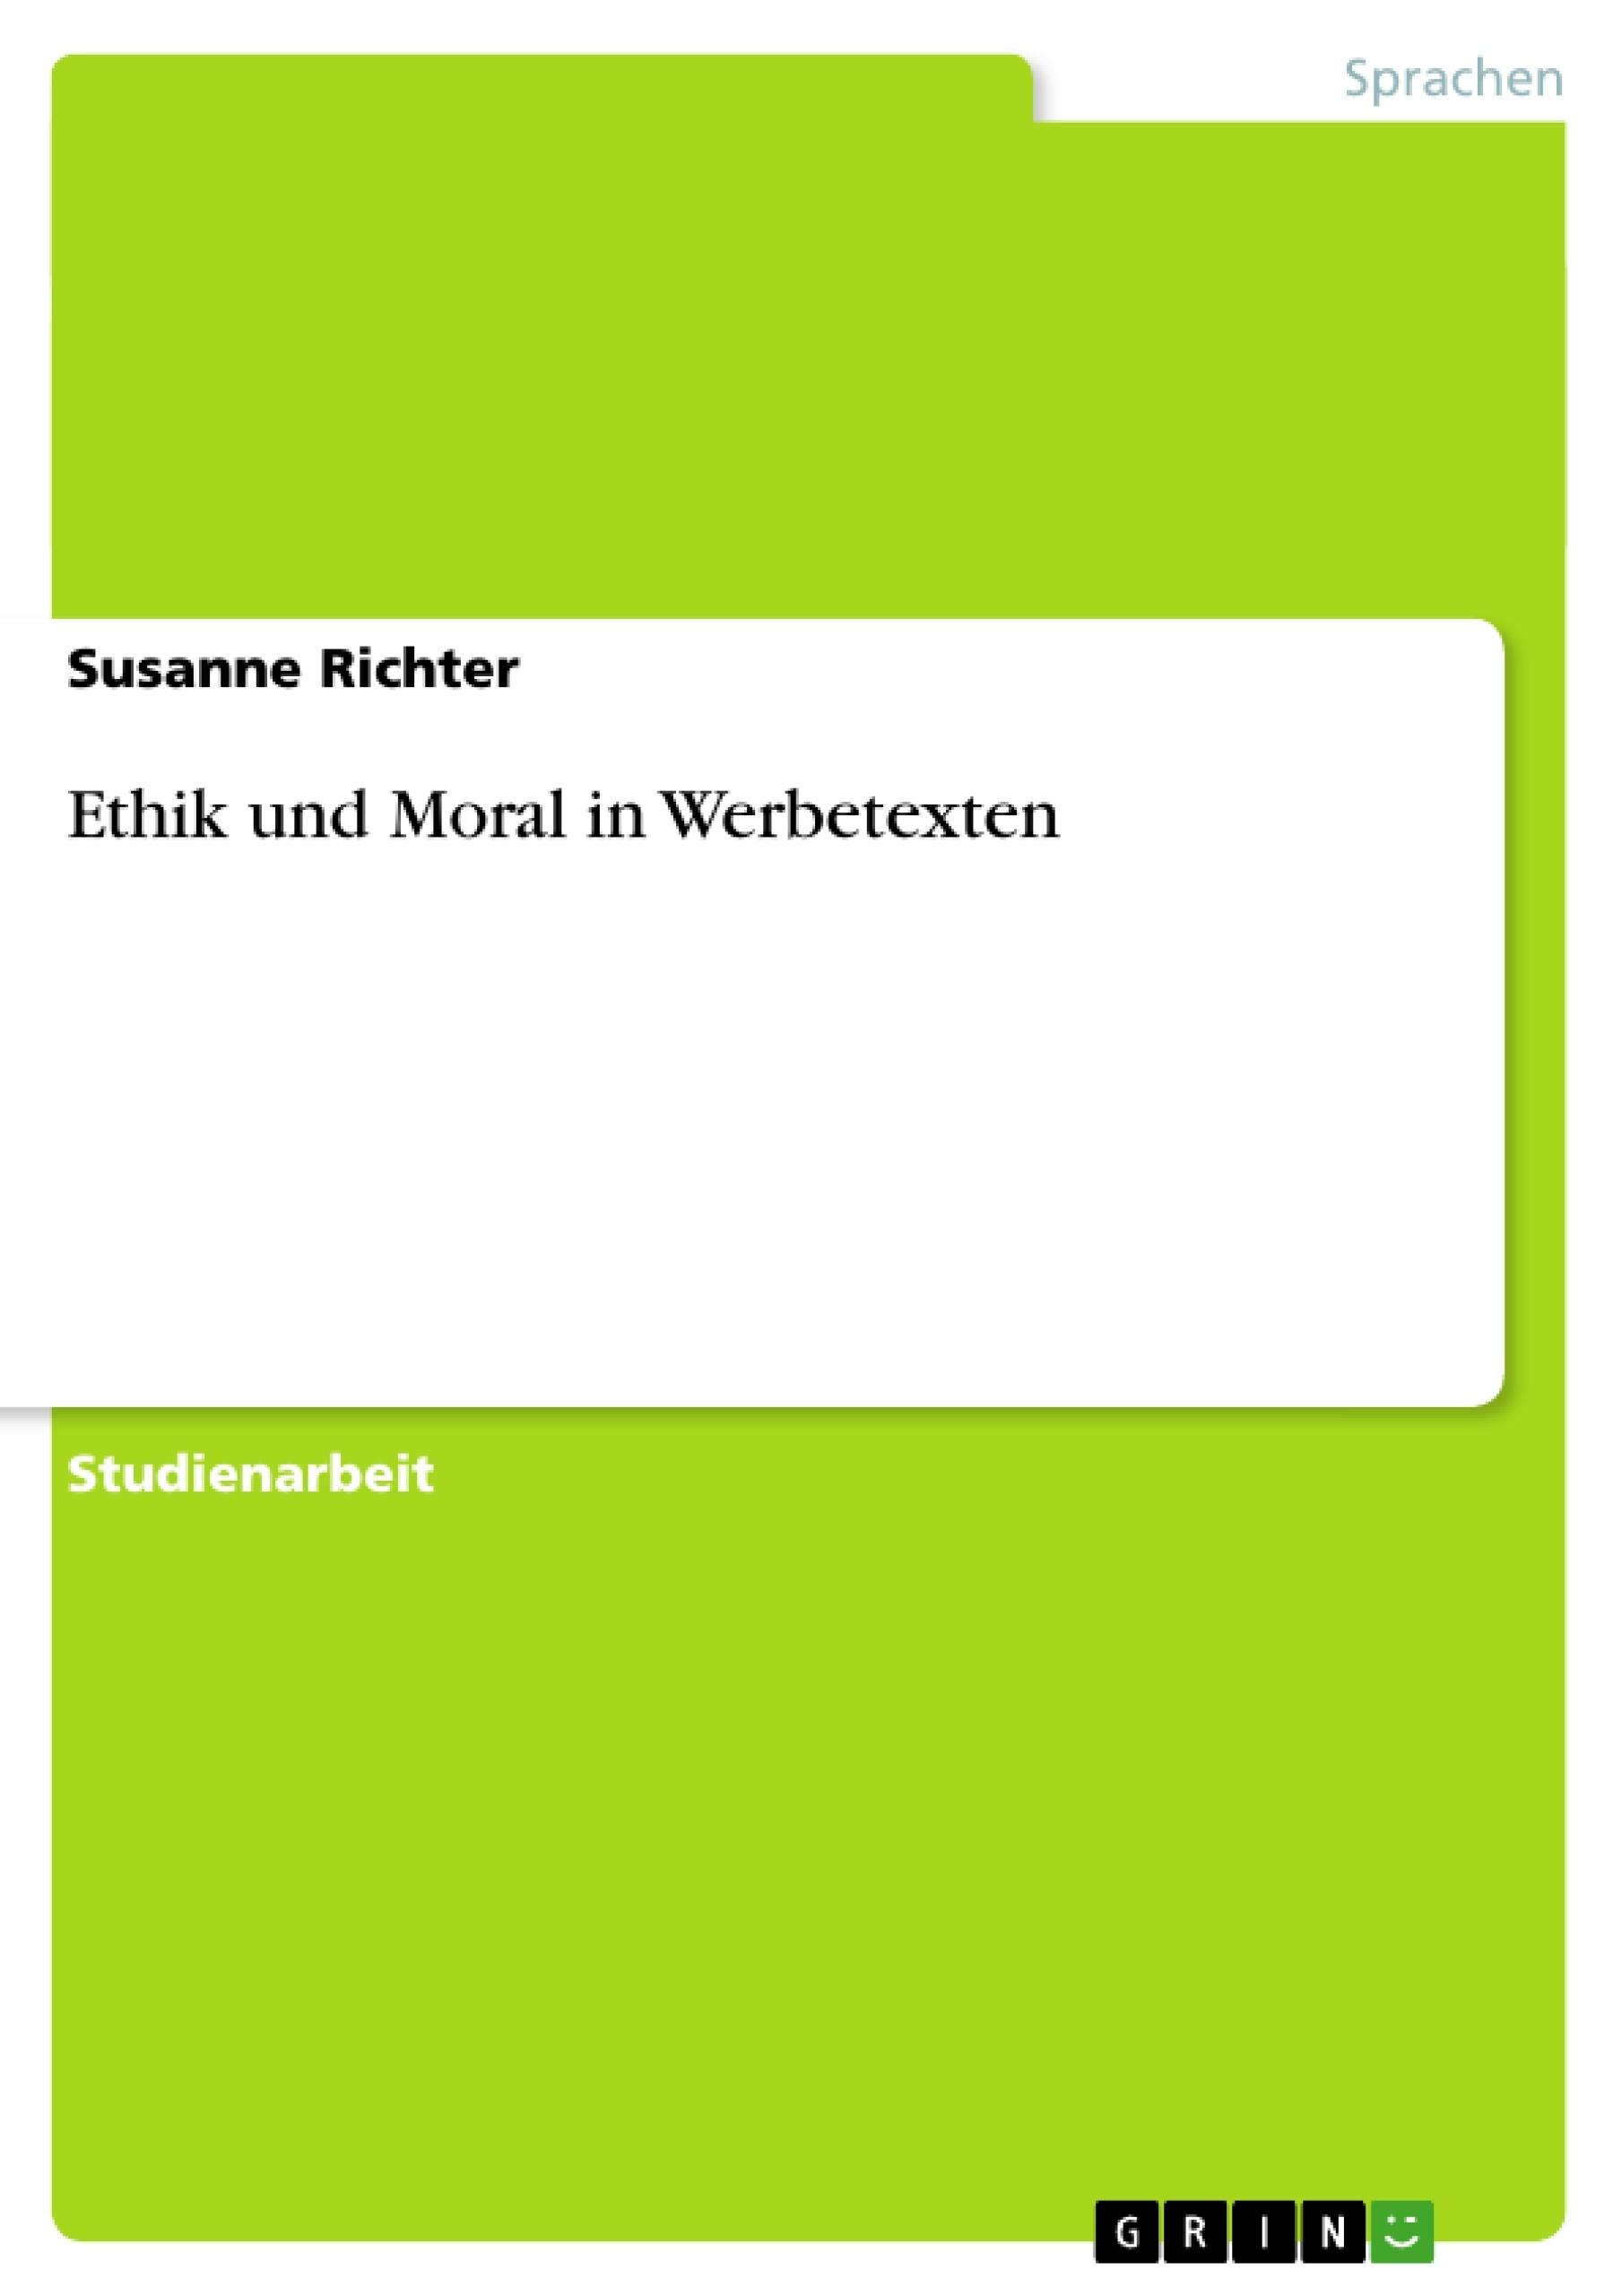 Titel: Ethik und Moral in Werbetexten